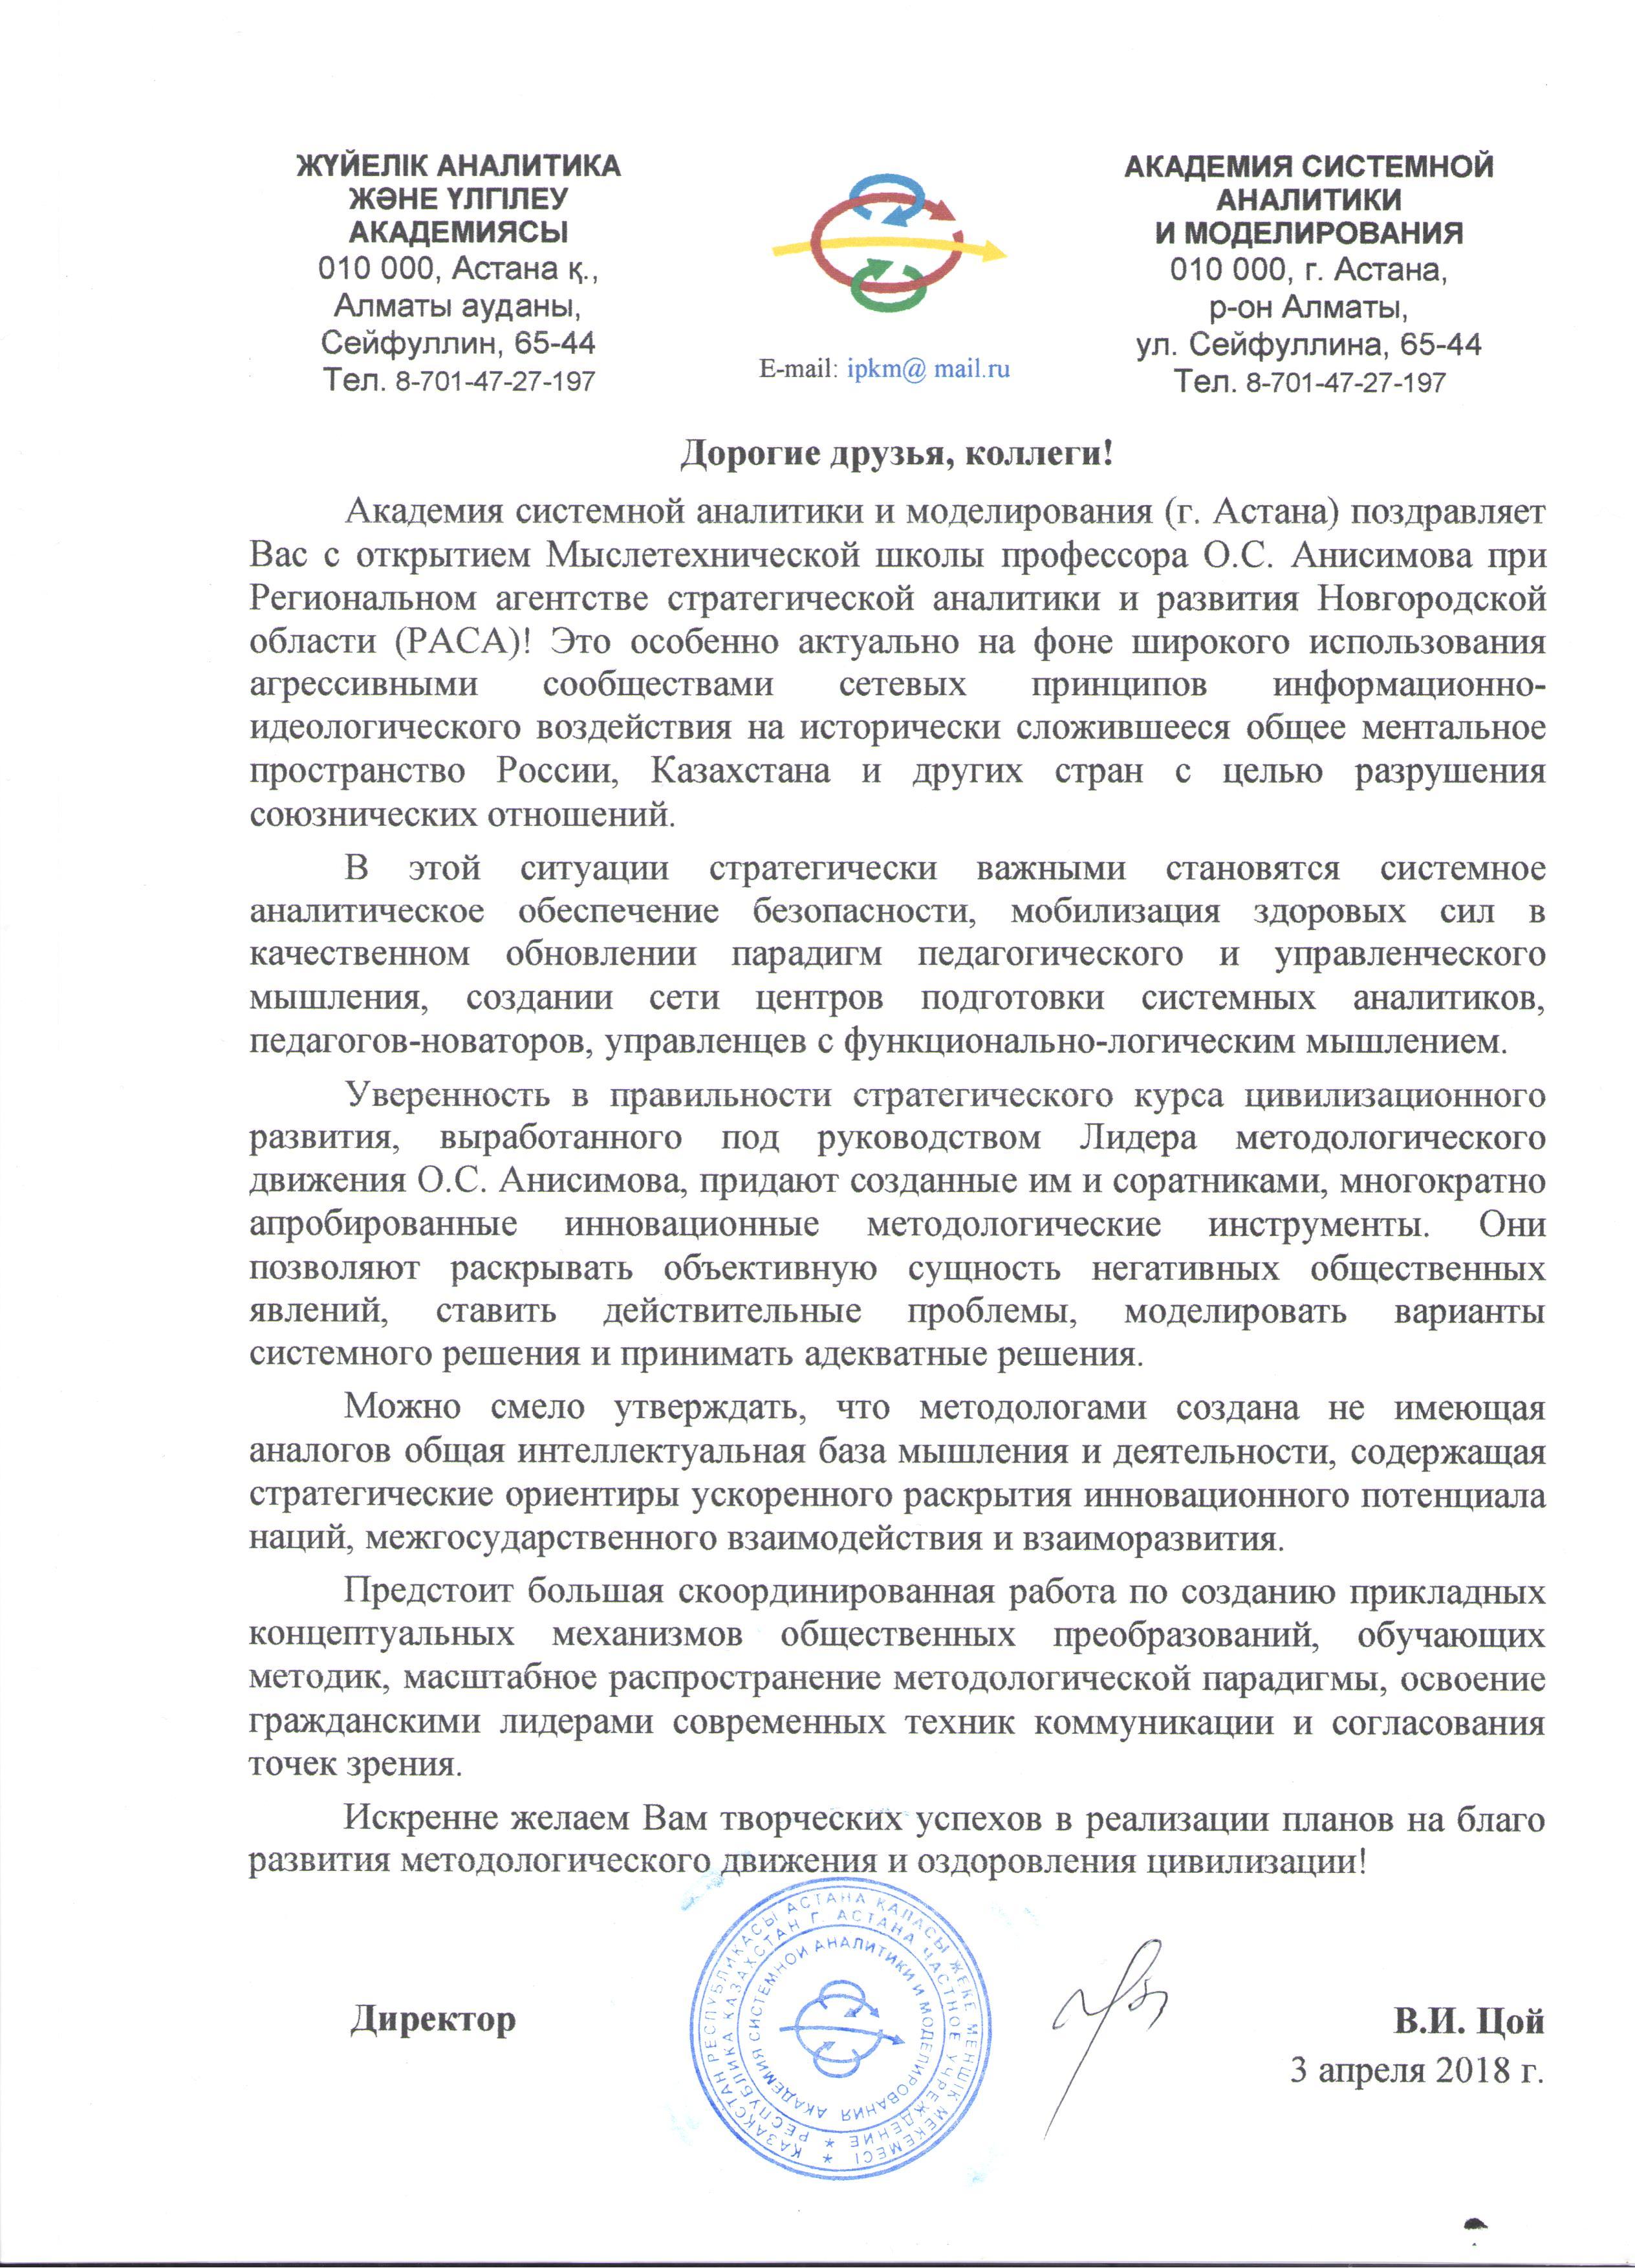 Поздравл МТШ В Новгород 001